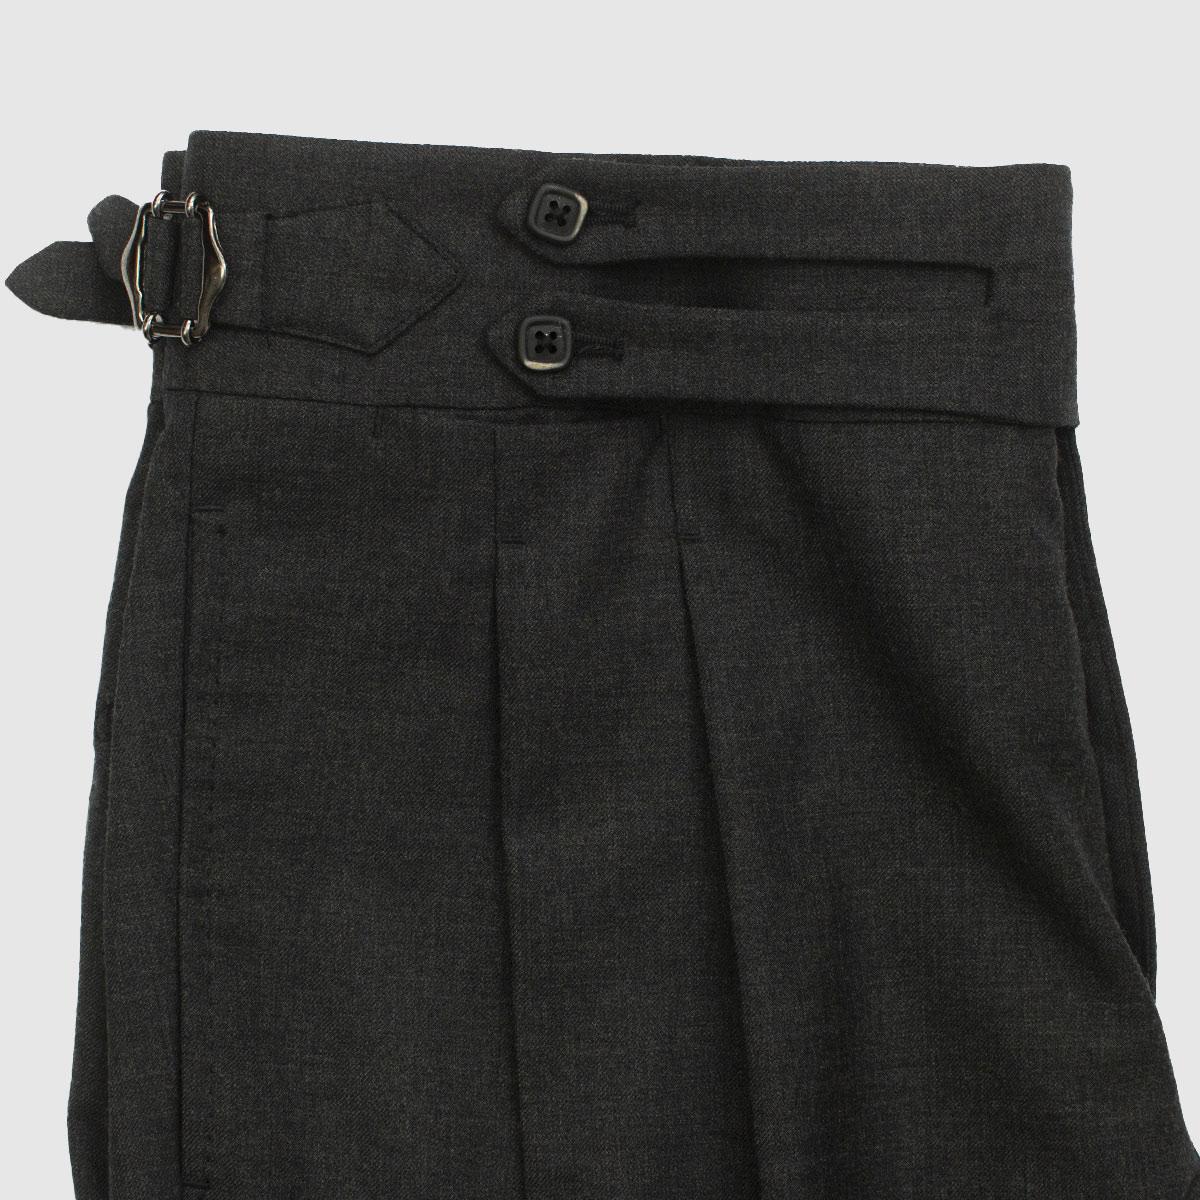 Pantalone nero antracite doppia pinces